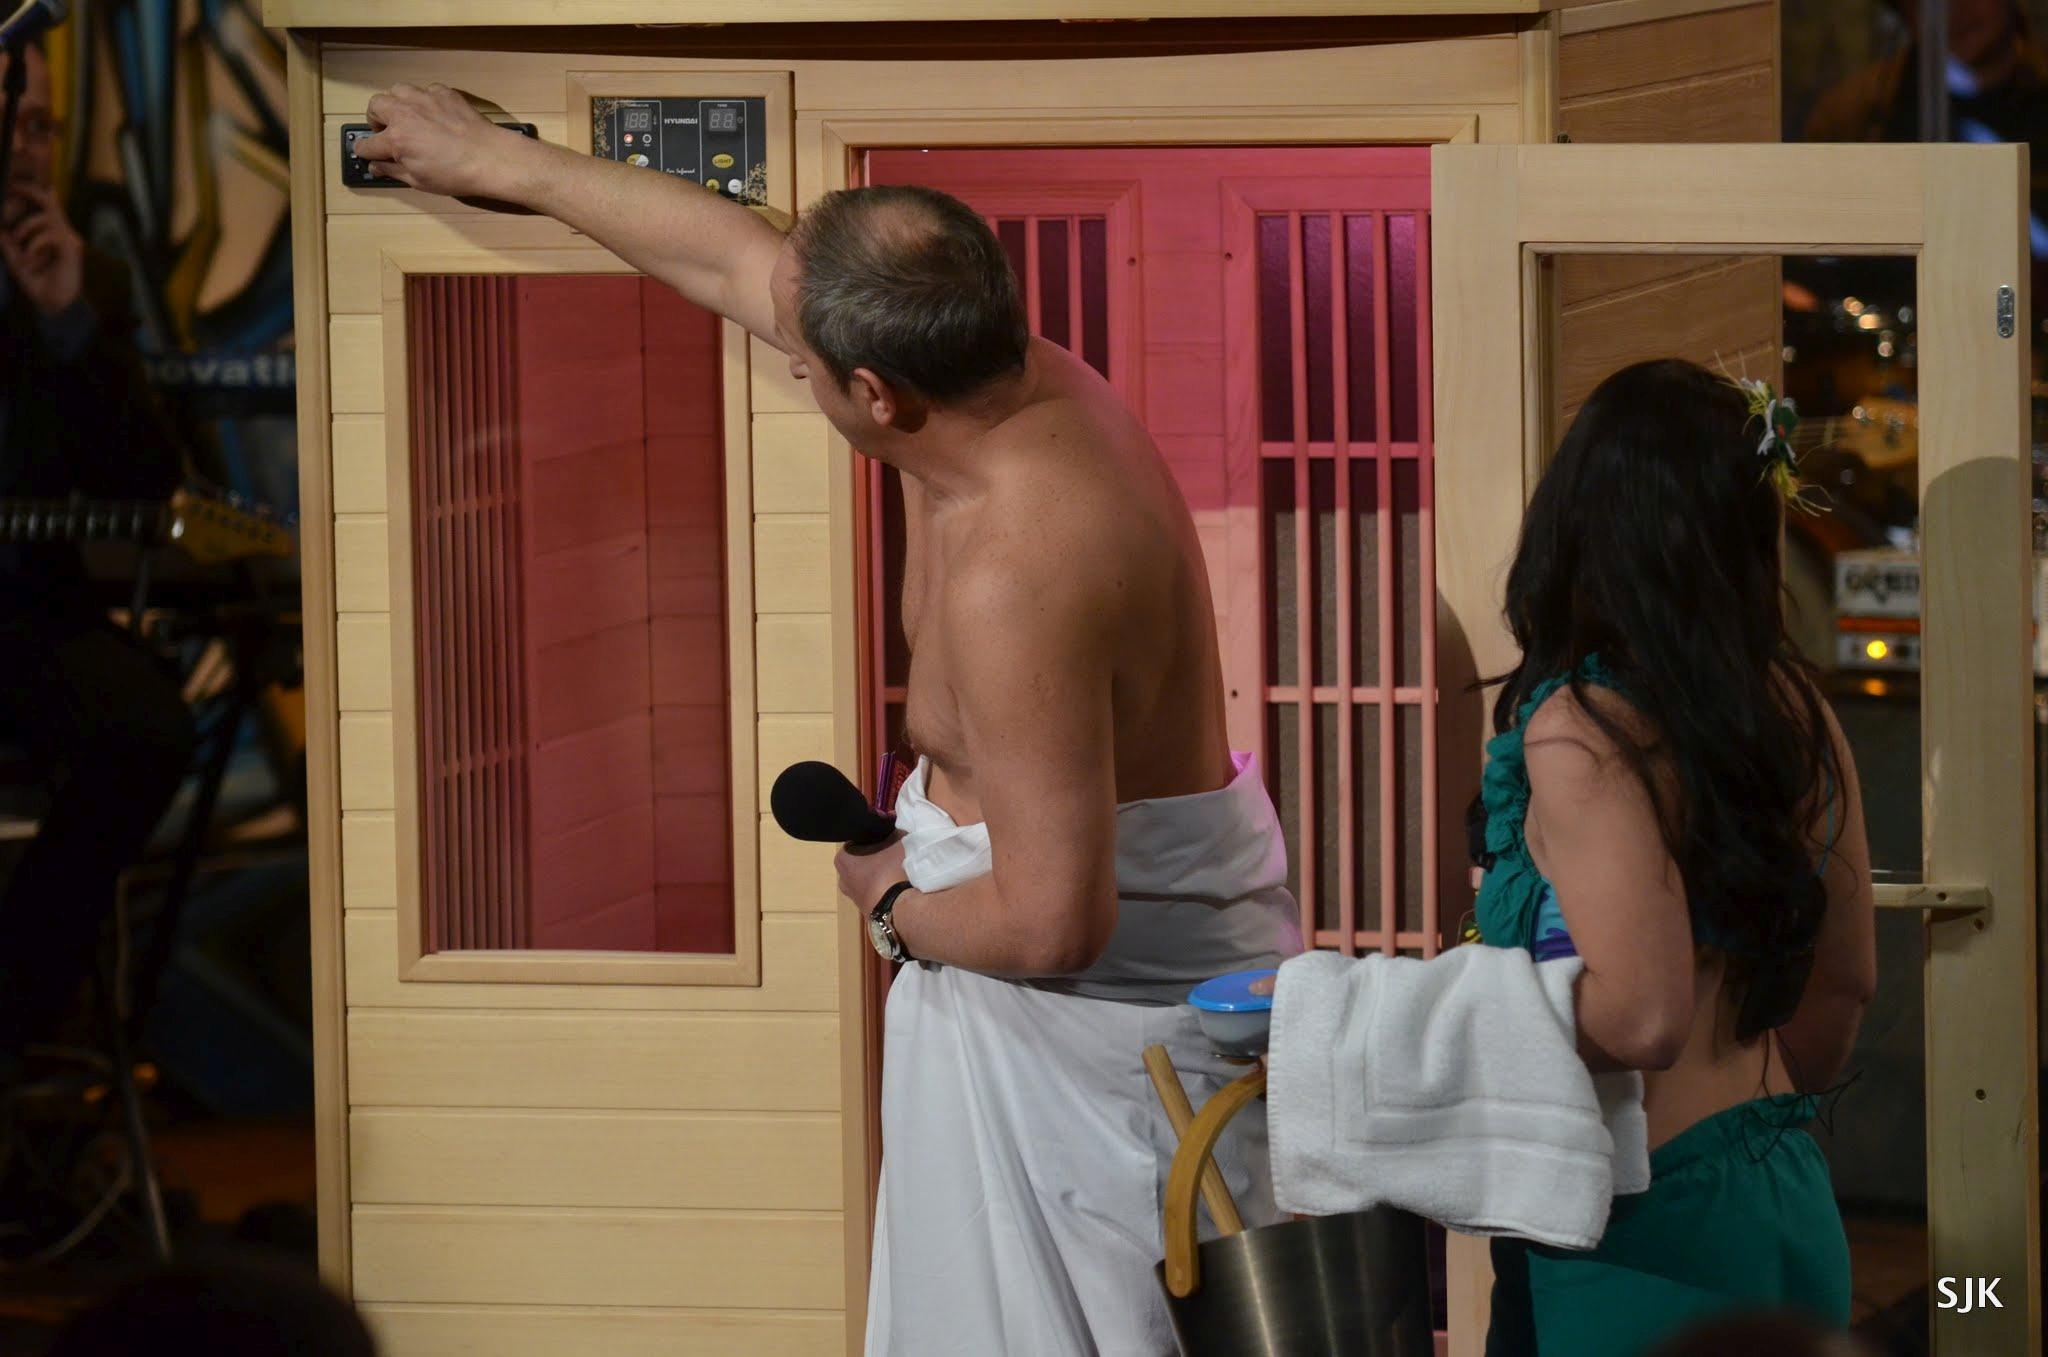 Jan Kraus nastavuje termostat sauny pod vedením Heleny Kopřivové v SJK 15. 3. 2013